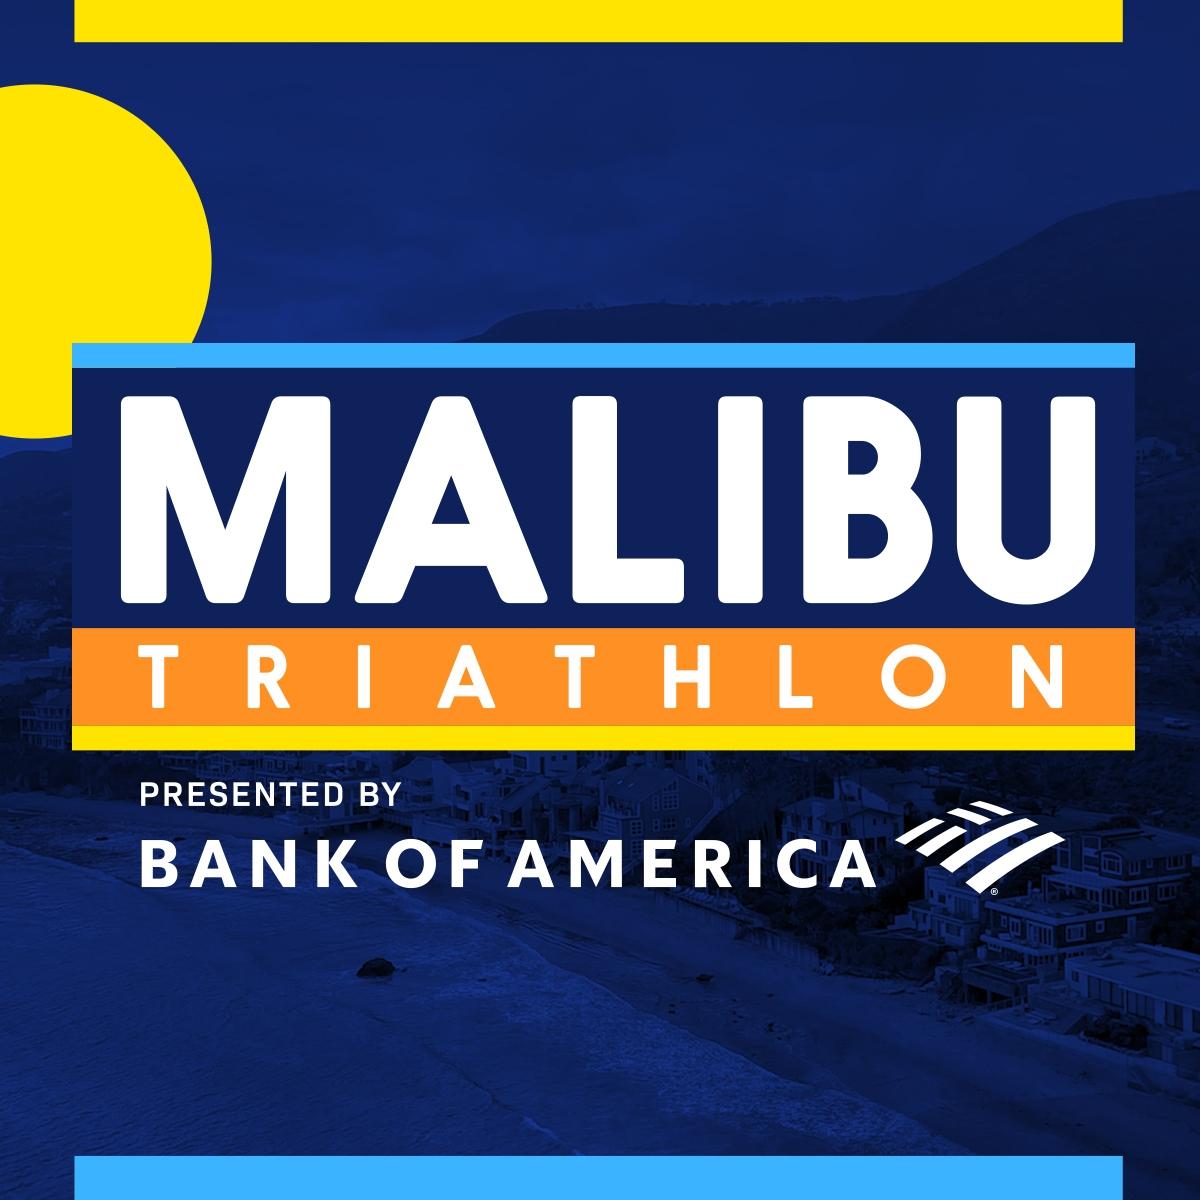 Malibu Triathlon - cover image